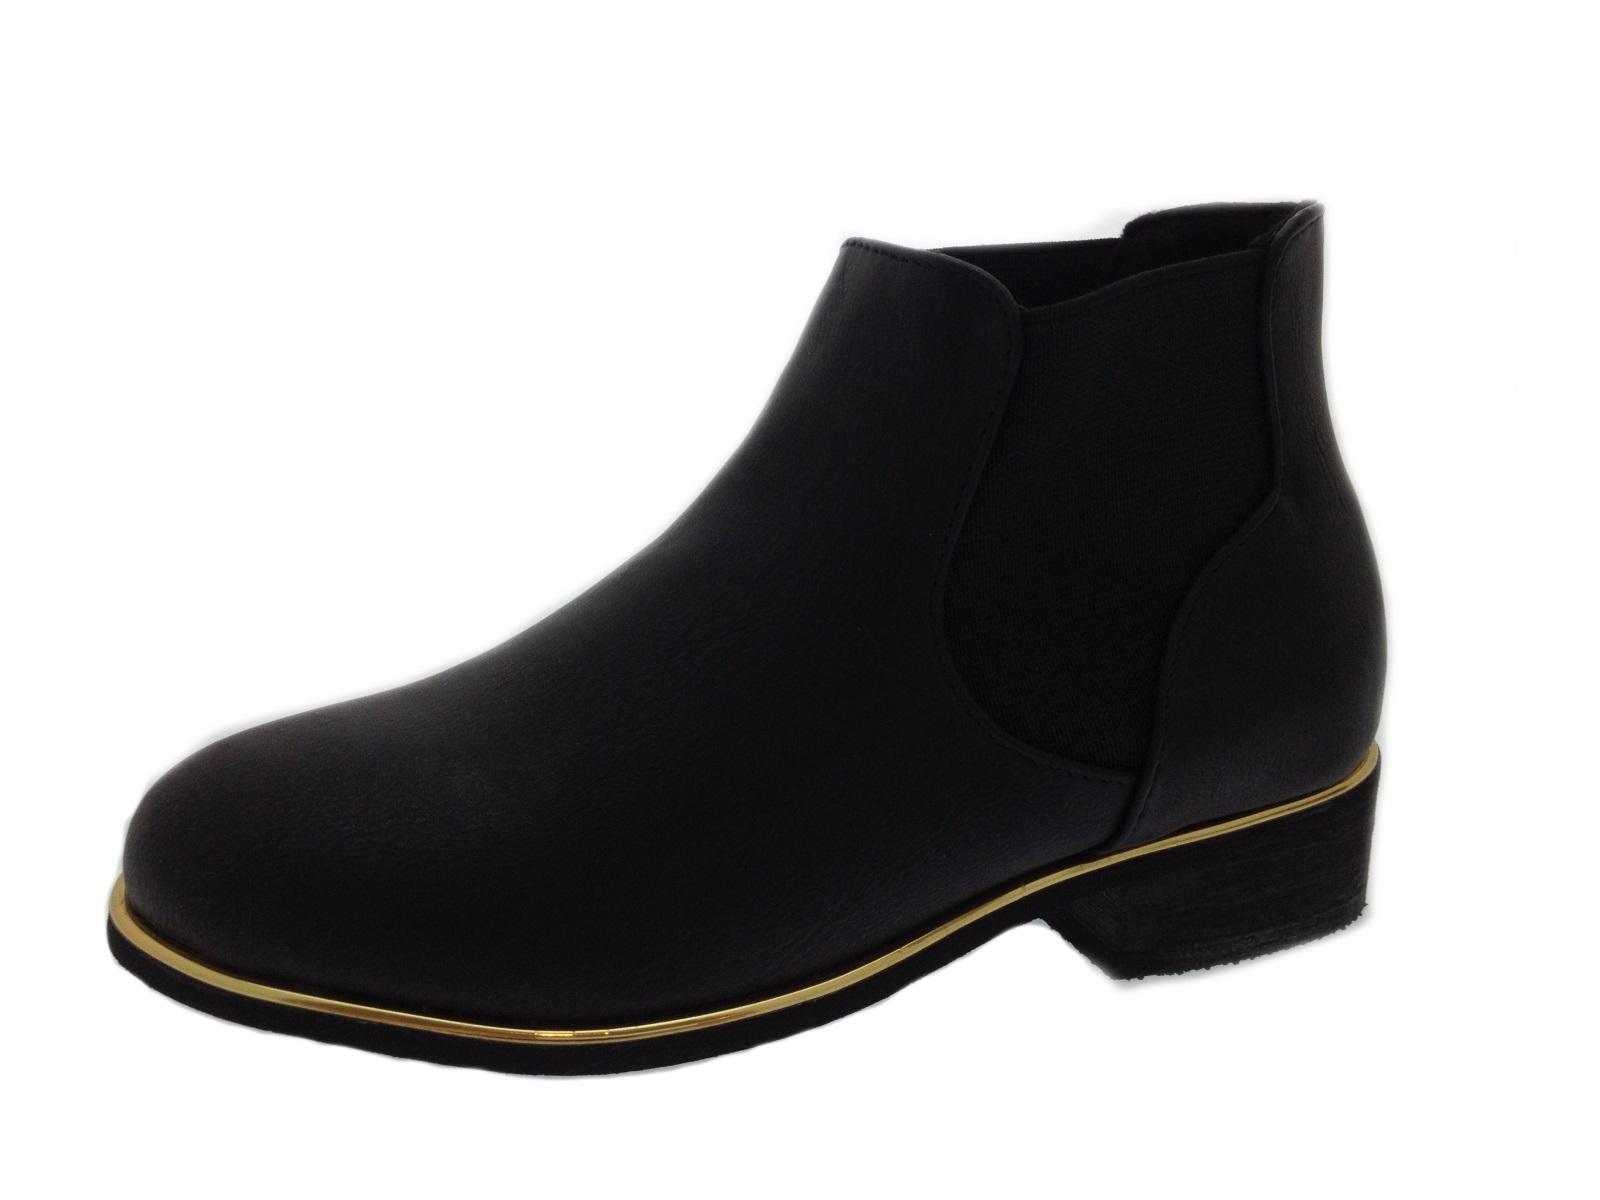 Chicas plana Chelsea Botas al Tobillo Zapatos De Moda Niños Adorno de oro metálico Size UK 9